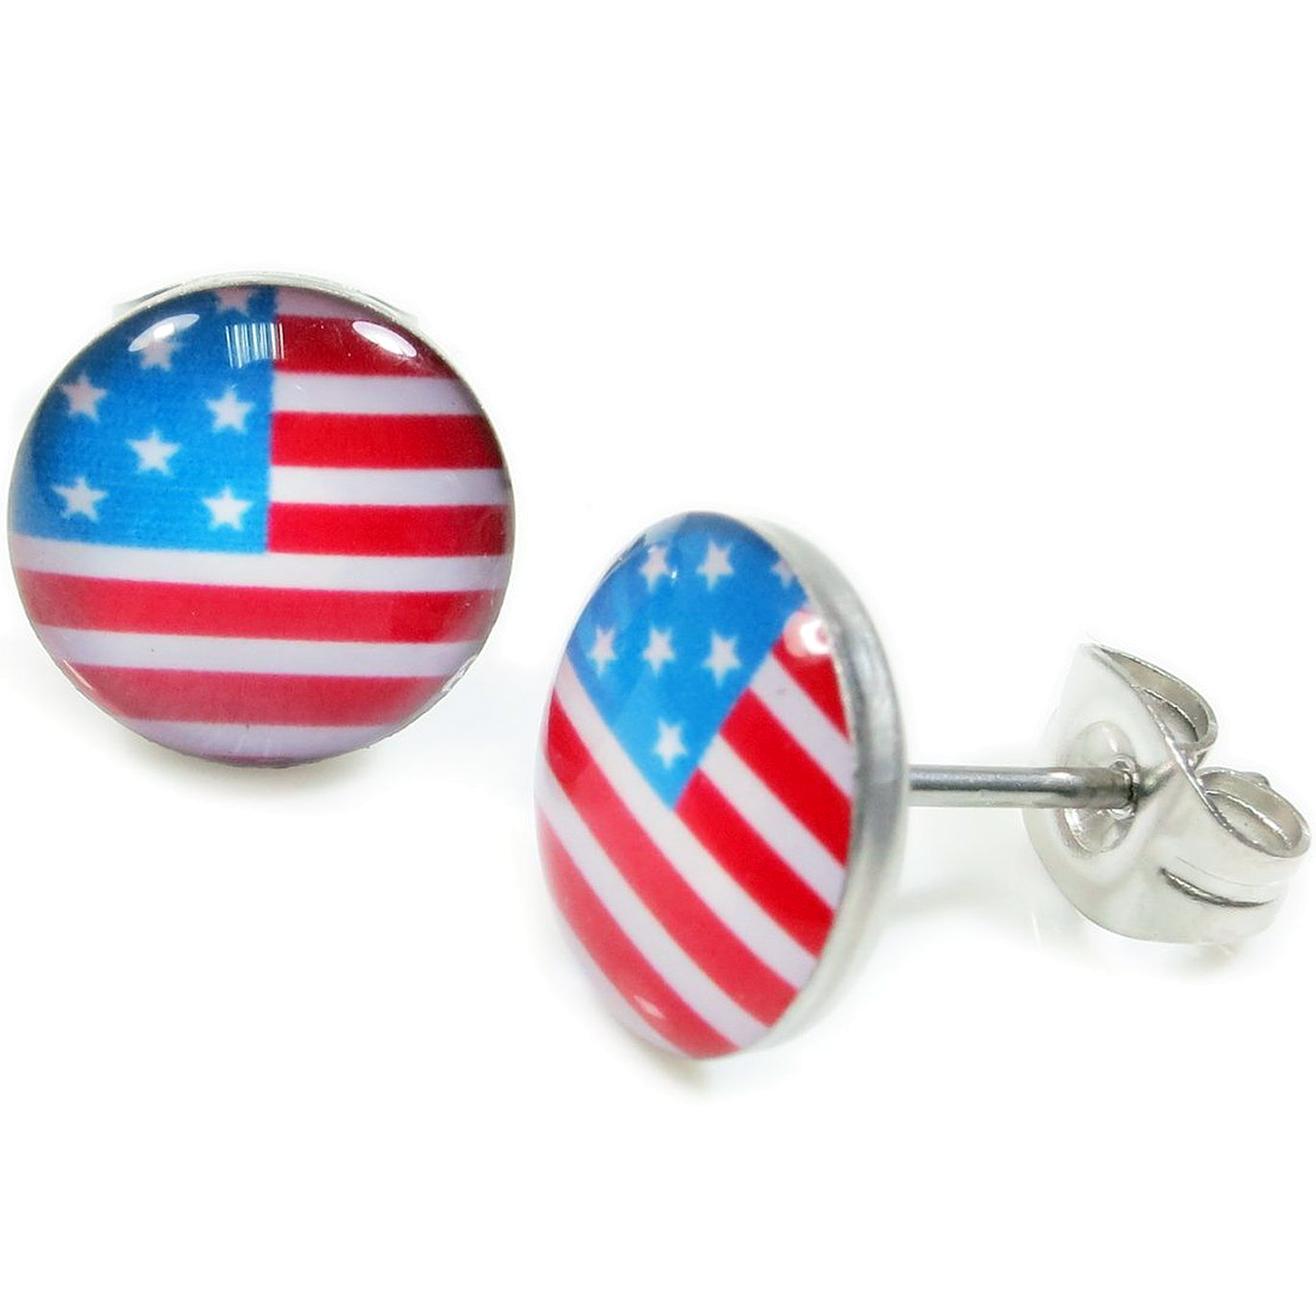 Boucles d'Oreille Clous Acier Inoxydable drapeau US 1